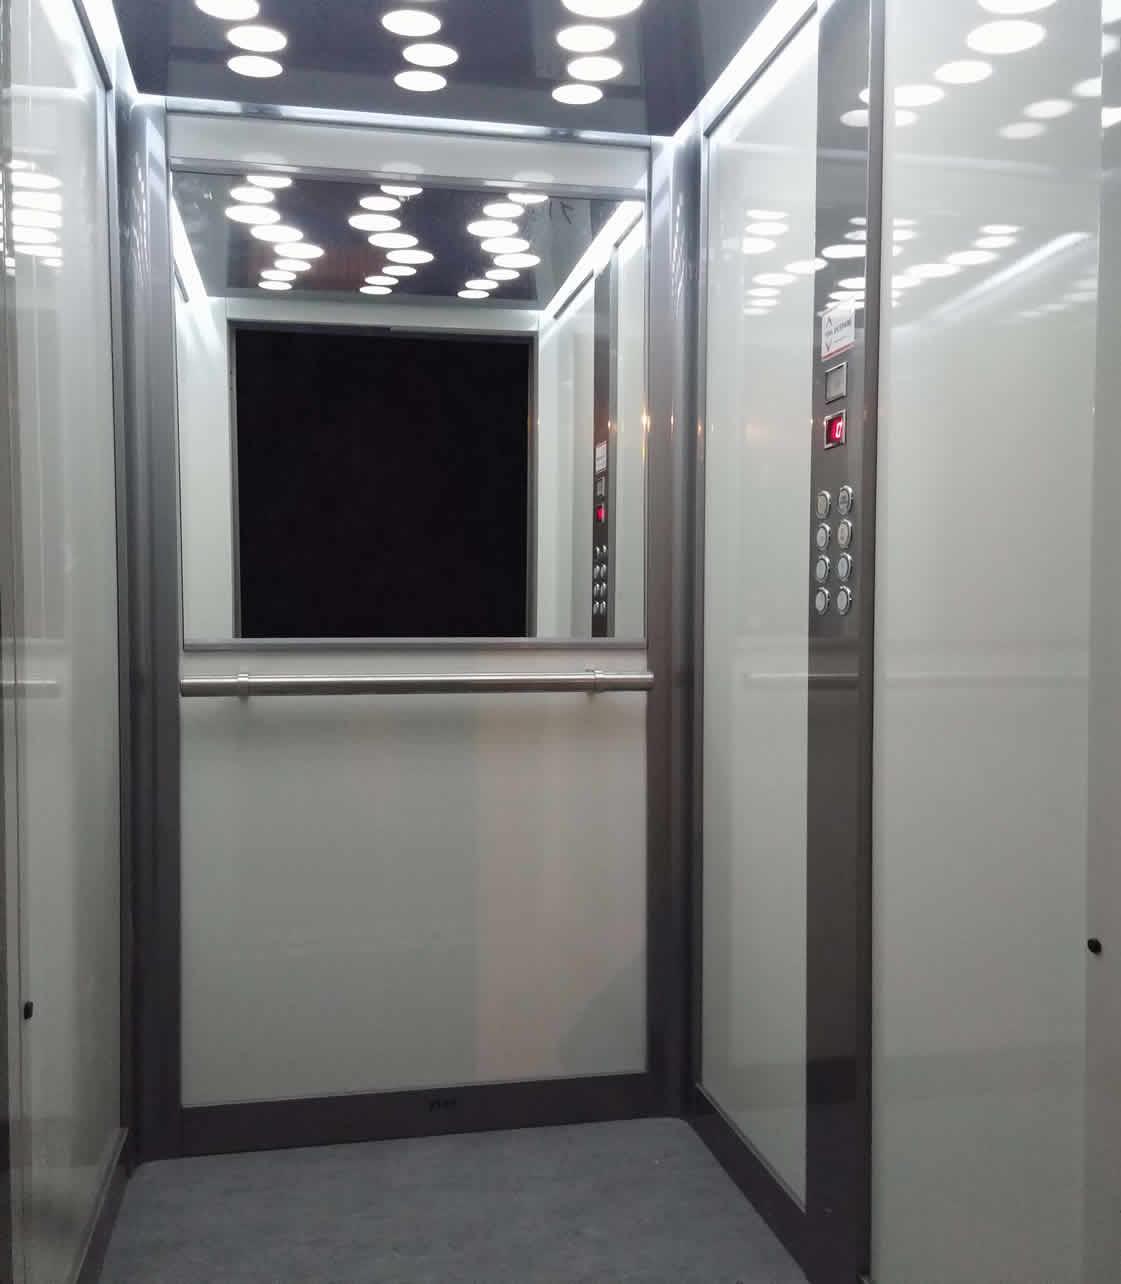 Ascensore per casa privata prezzi ascensore struttura ricettiva with ascensore per casa privata - Costo ascensore interno 3 piani ...